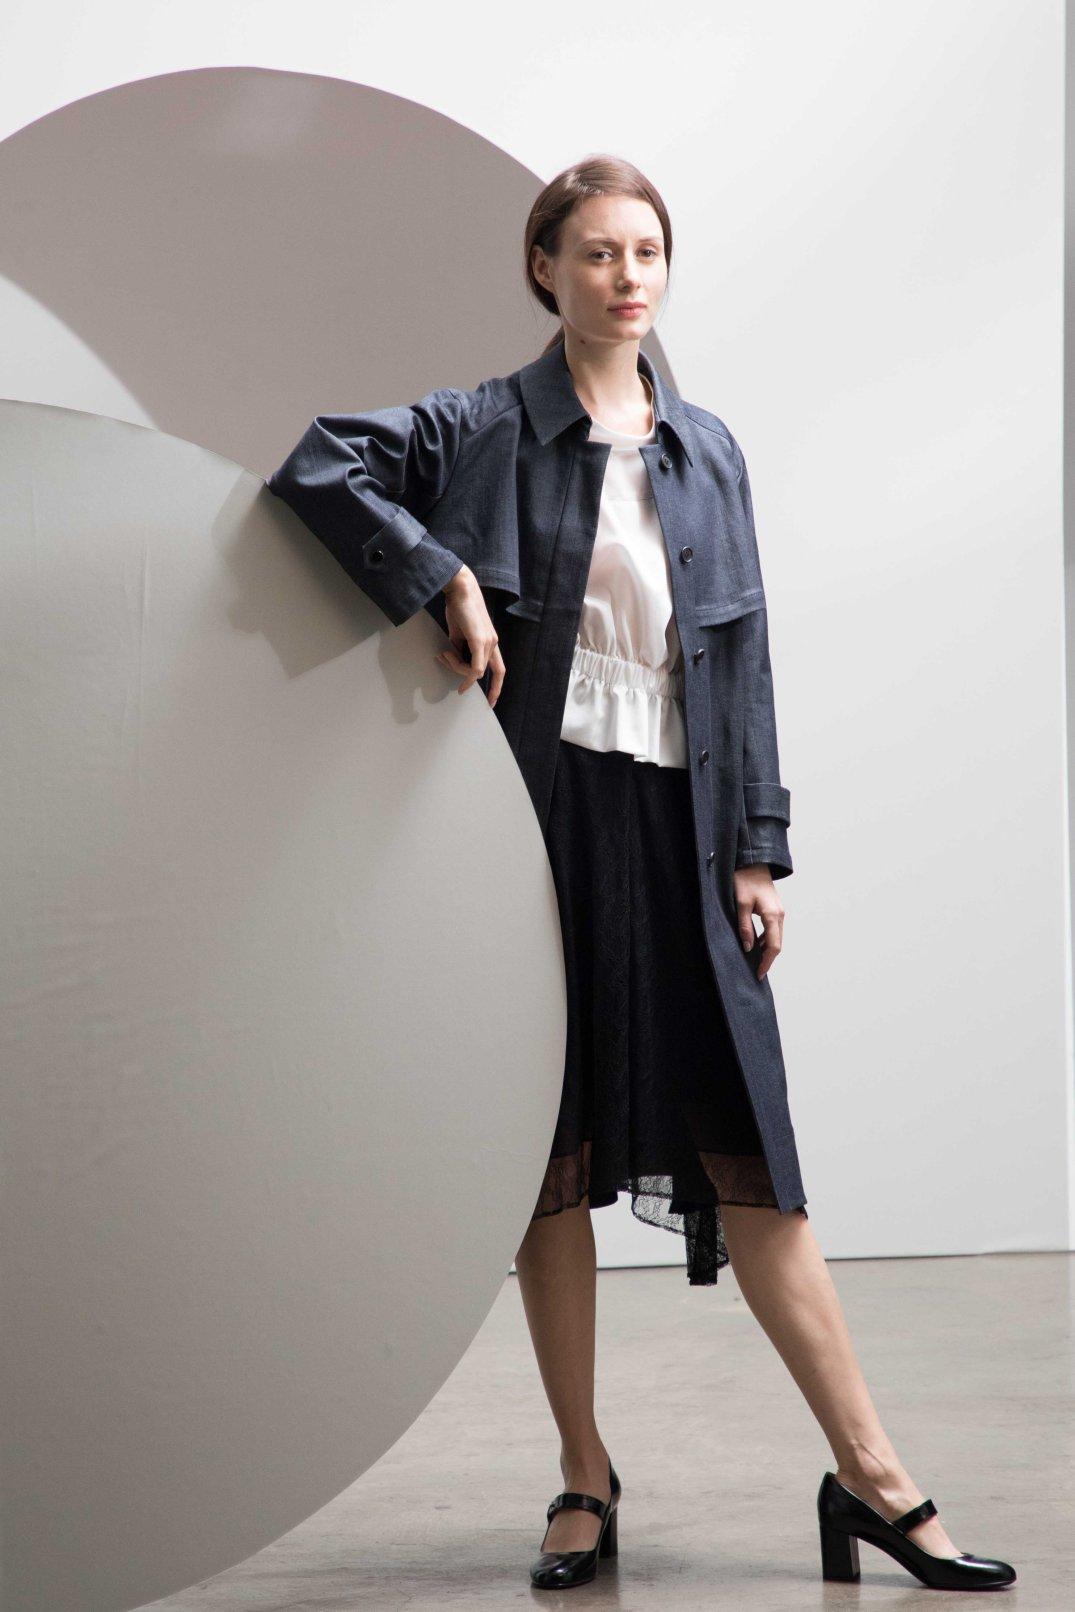 時裝服裝攝影 fashion Photography paulstylist-25